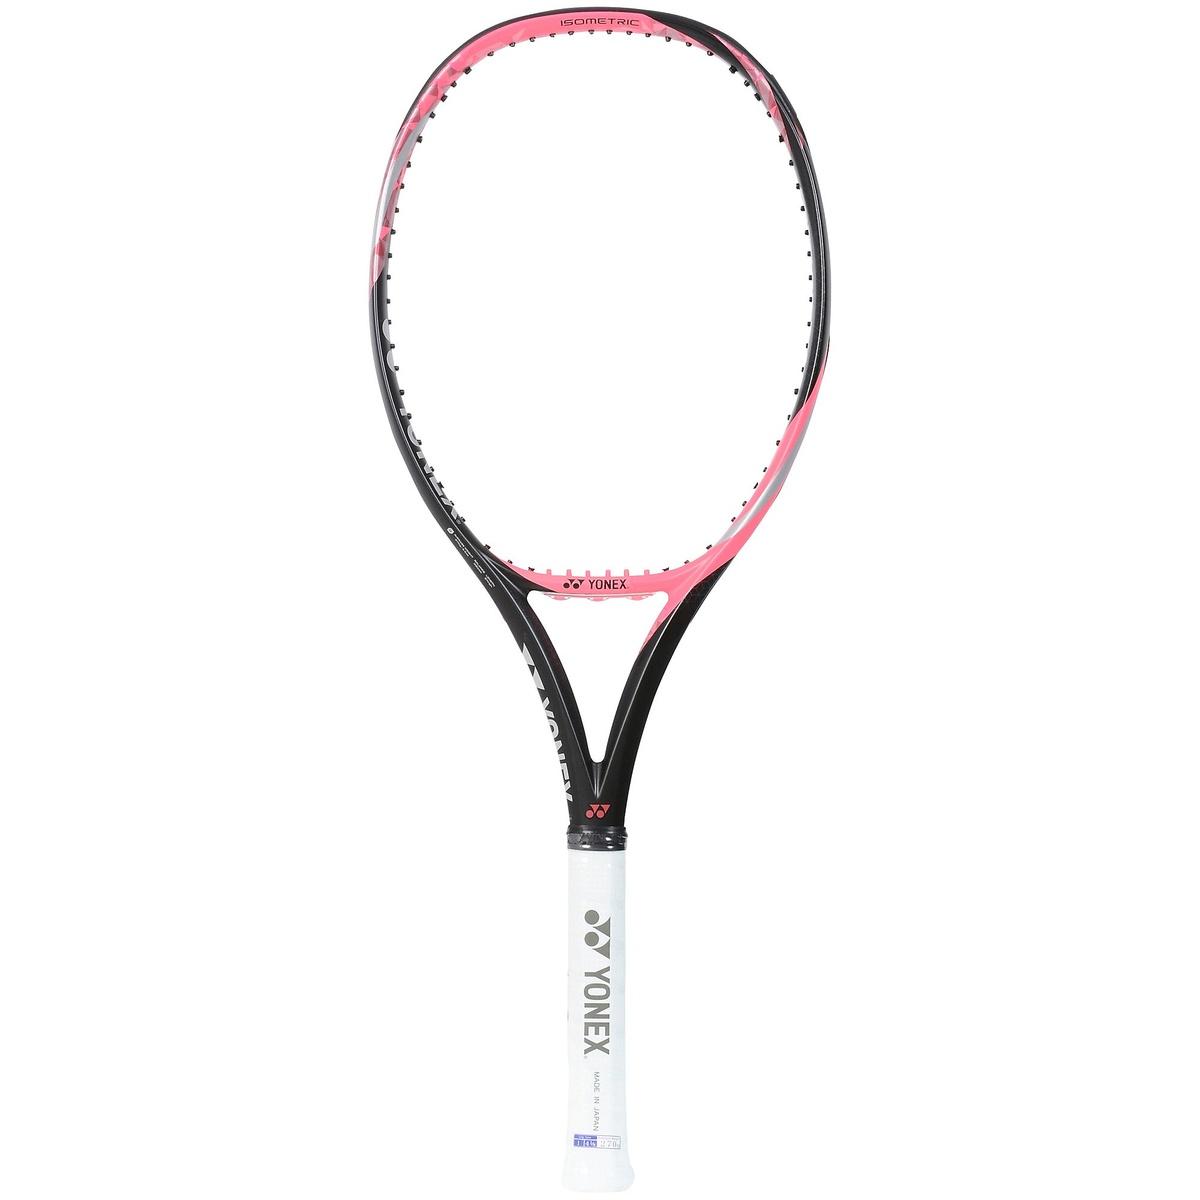 【送料無料】 YONEX (ヨネックス) 【フレームのみ】テニス フレームラケット Eゾーン ライト スマッシュピンク 17EZL